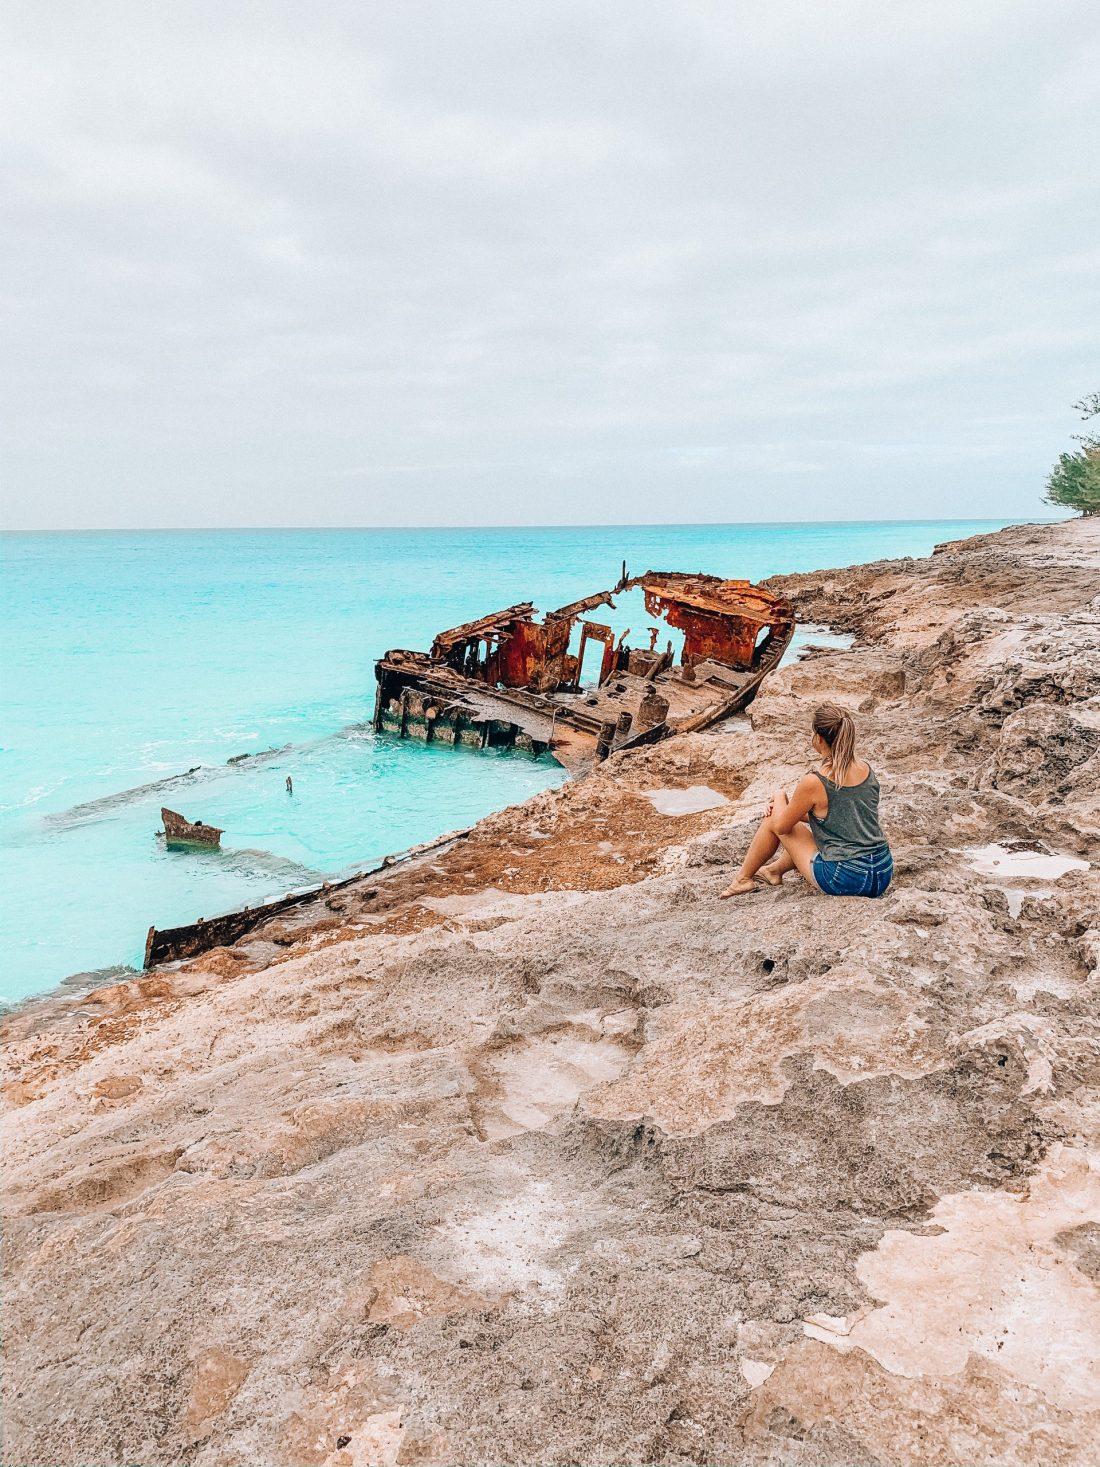 Bimini Shipwreck